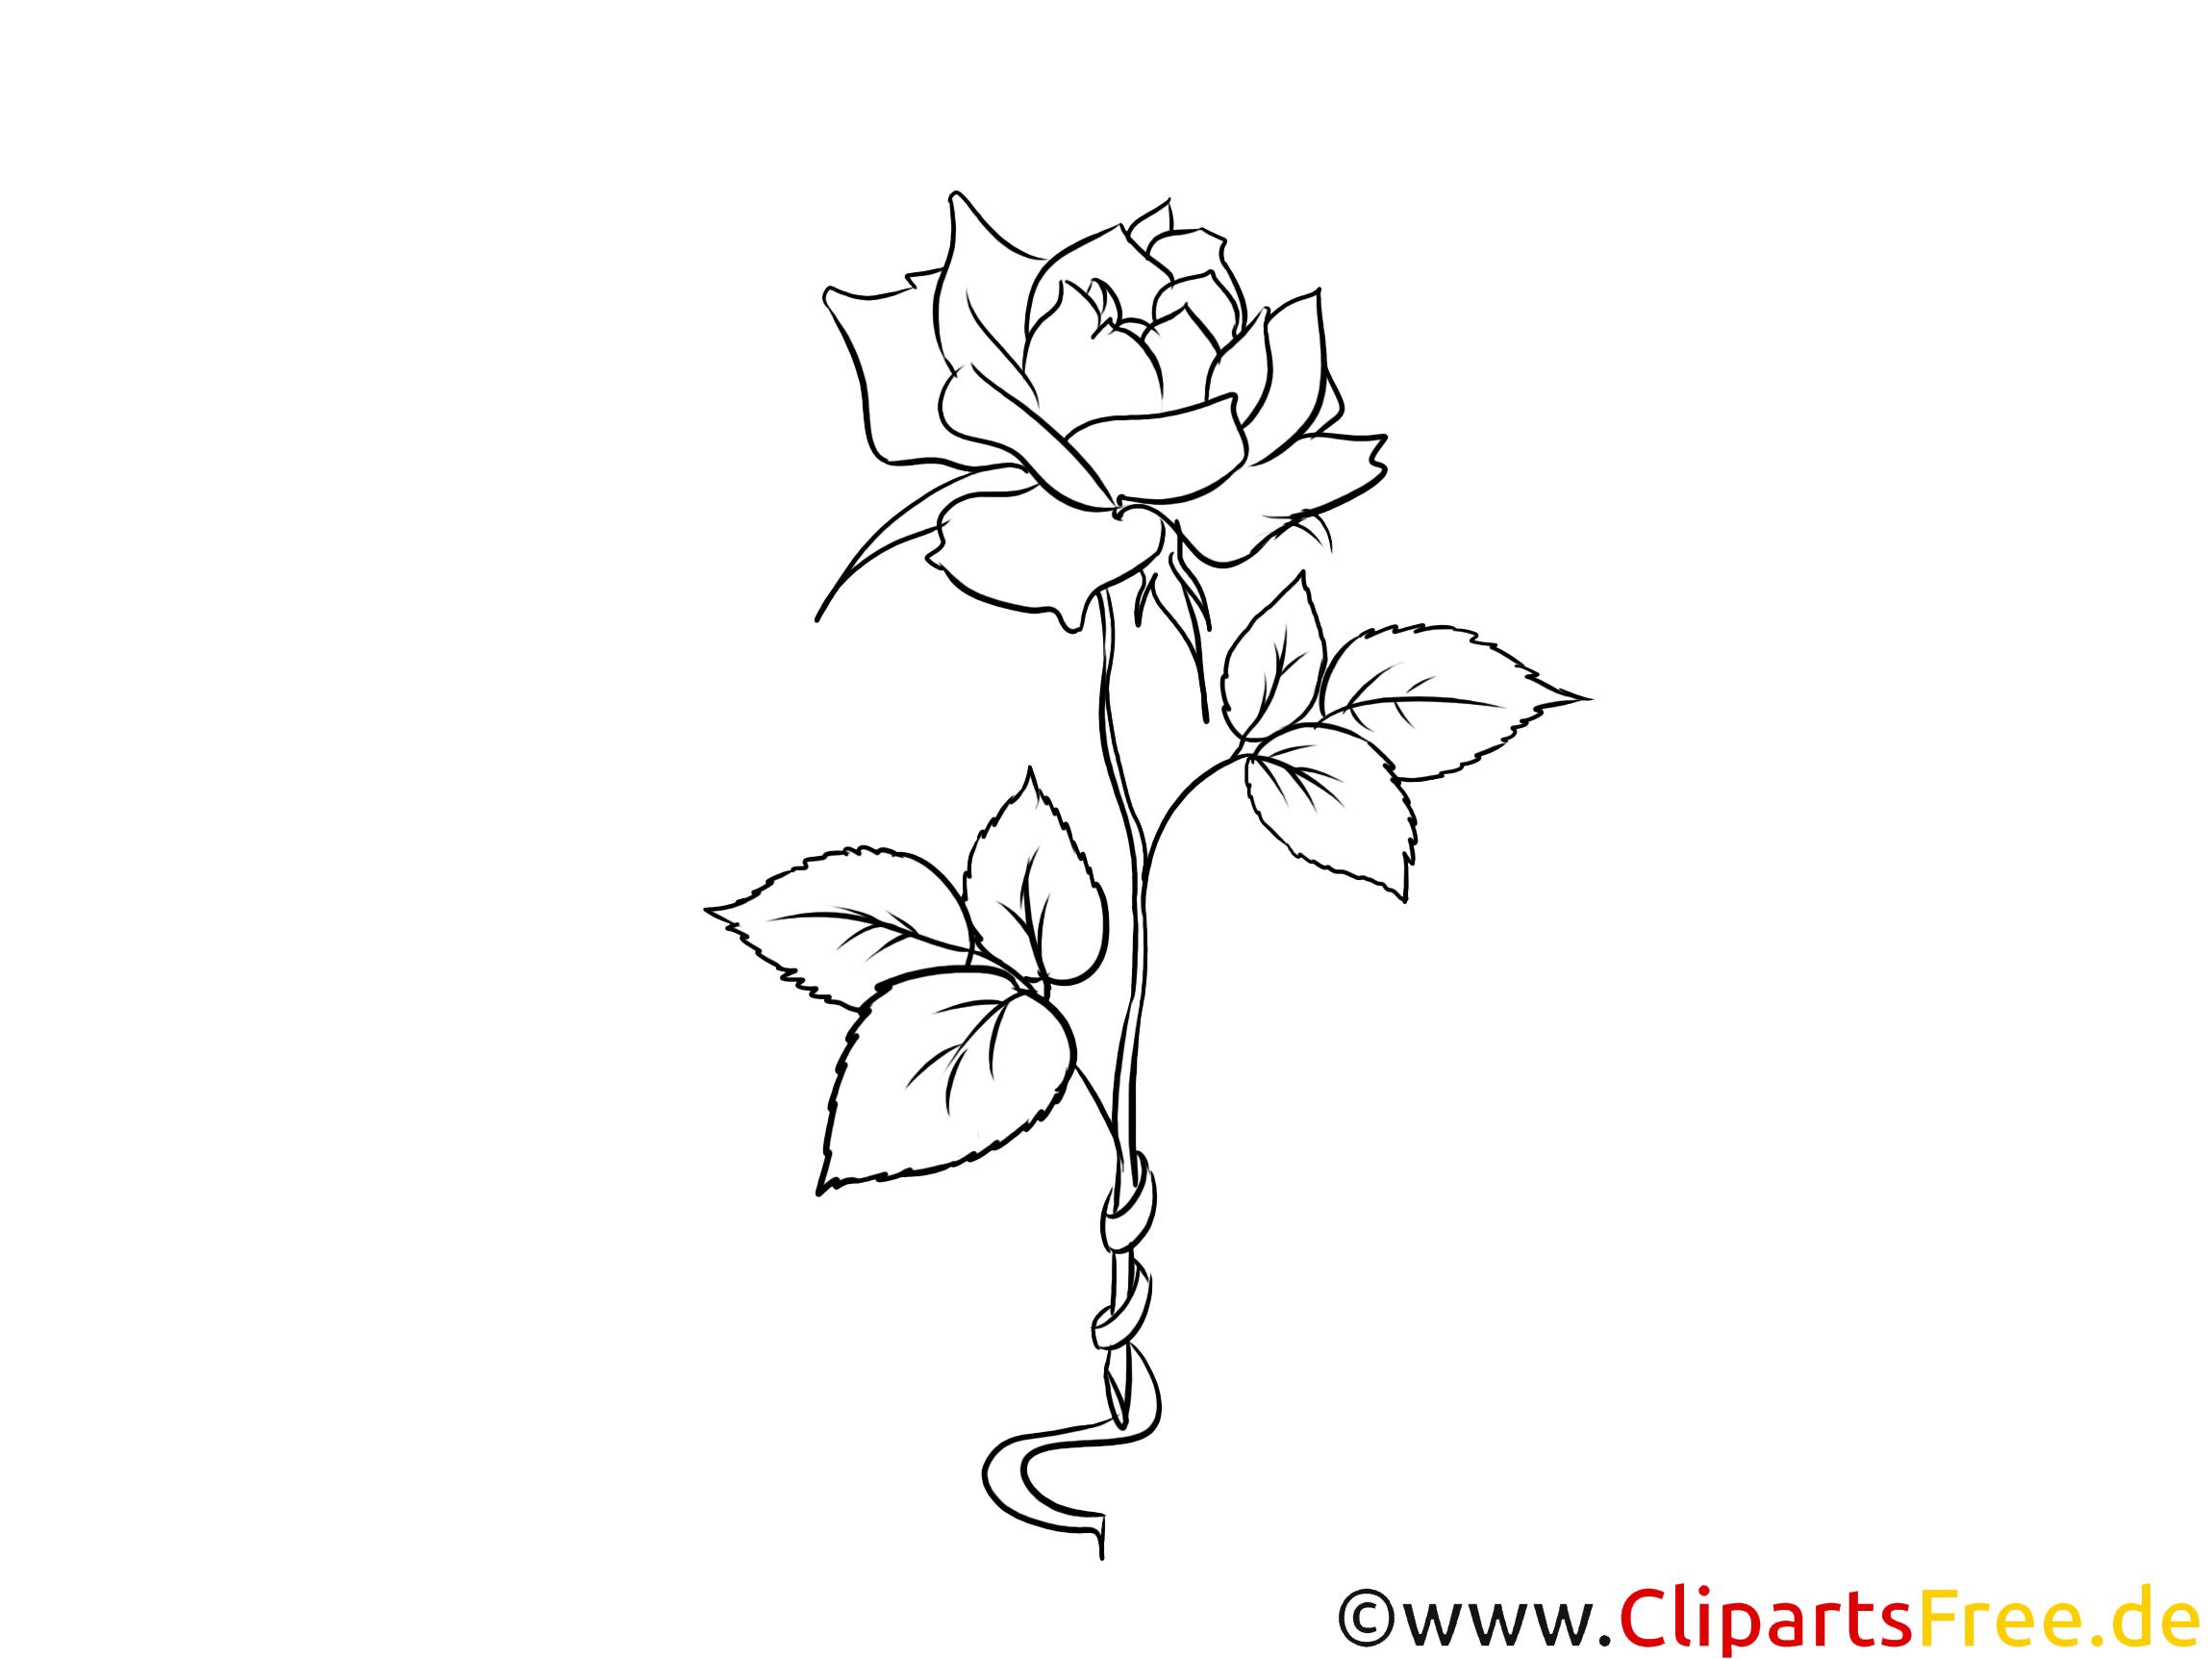 Rose schwarz weiß Clipart, Grafik, Bild